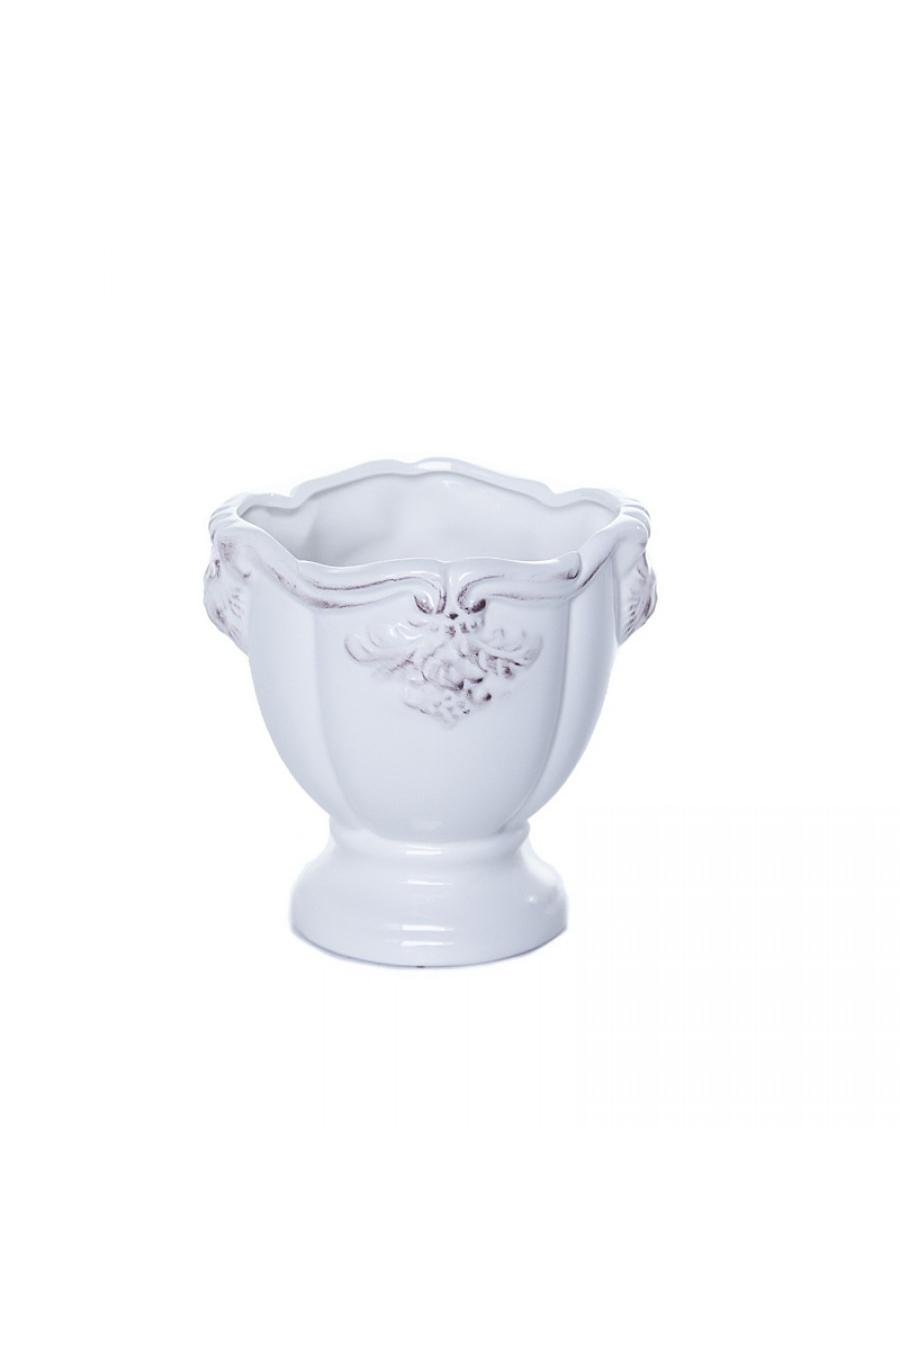 Vaso bianco in ceramica con decorazioni h. 13,5 cm